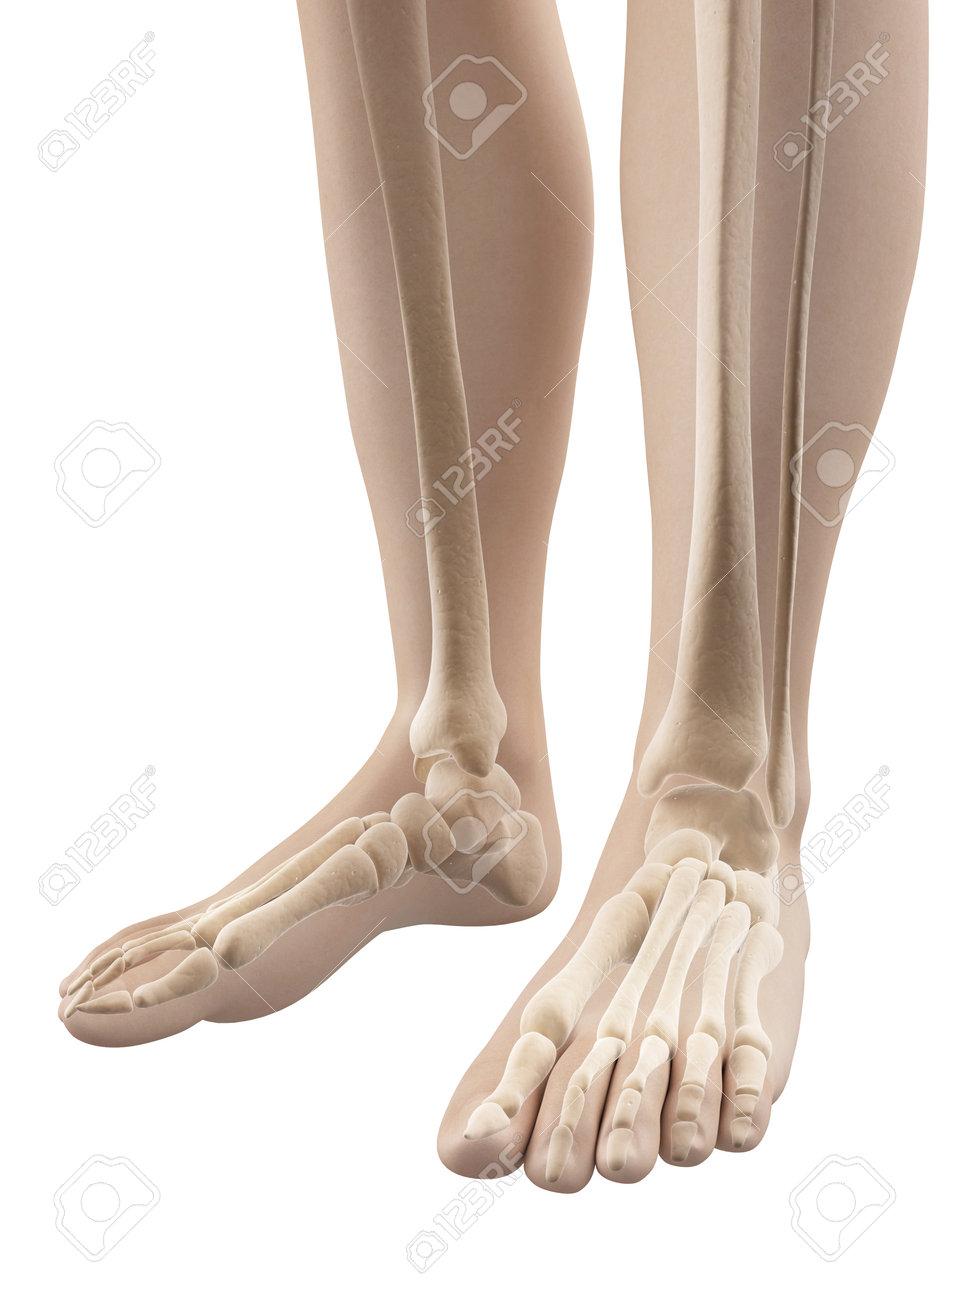 Fuß - Skelett Anatomie Lizenzfreie Fotos, Bilder Und Stock ...